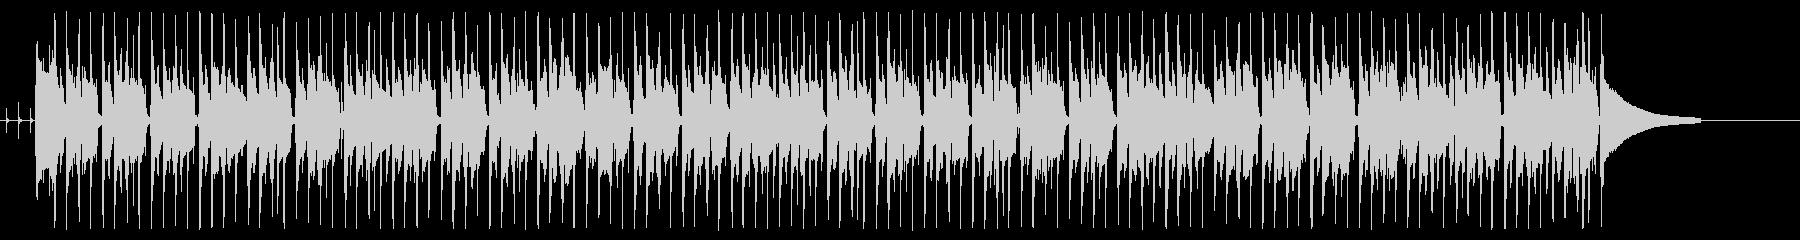 使いやすいファンクの未再生の波形